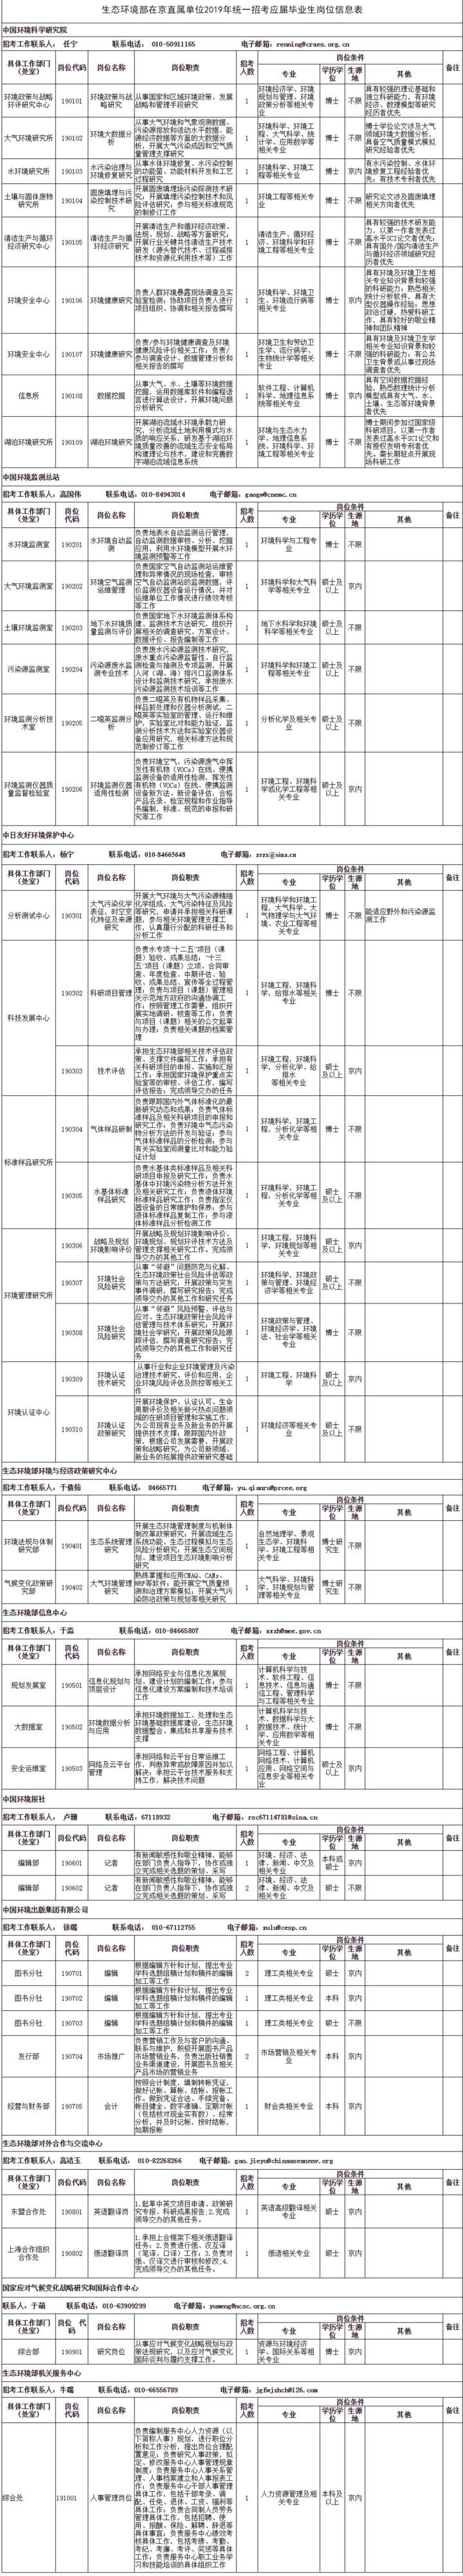 2019贵州京直生态环境部招考高校应届毕业生44人公告